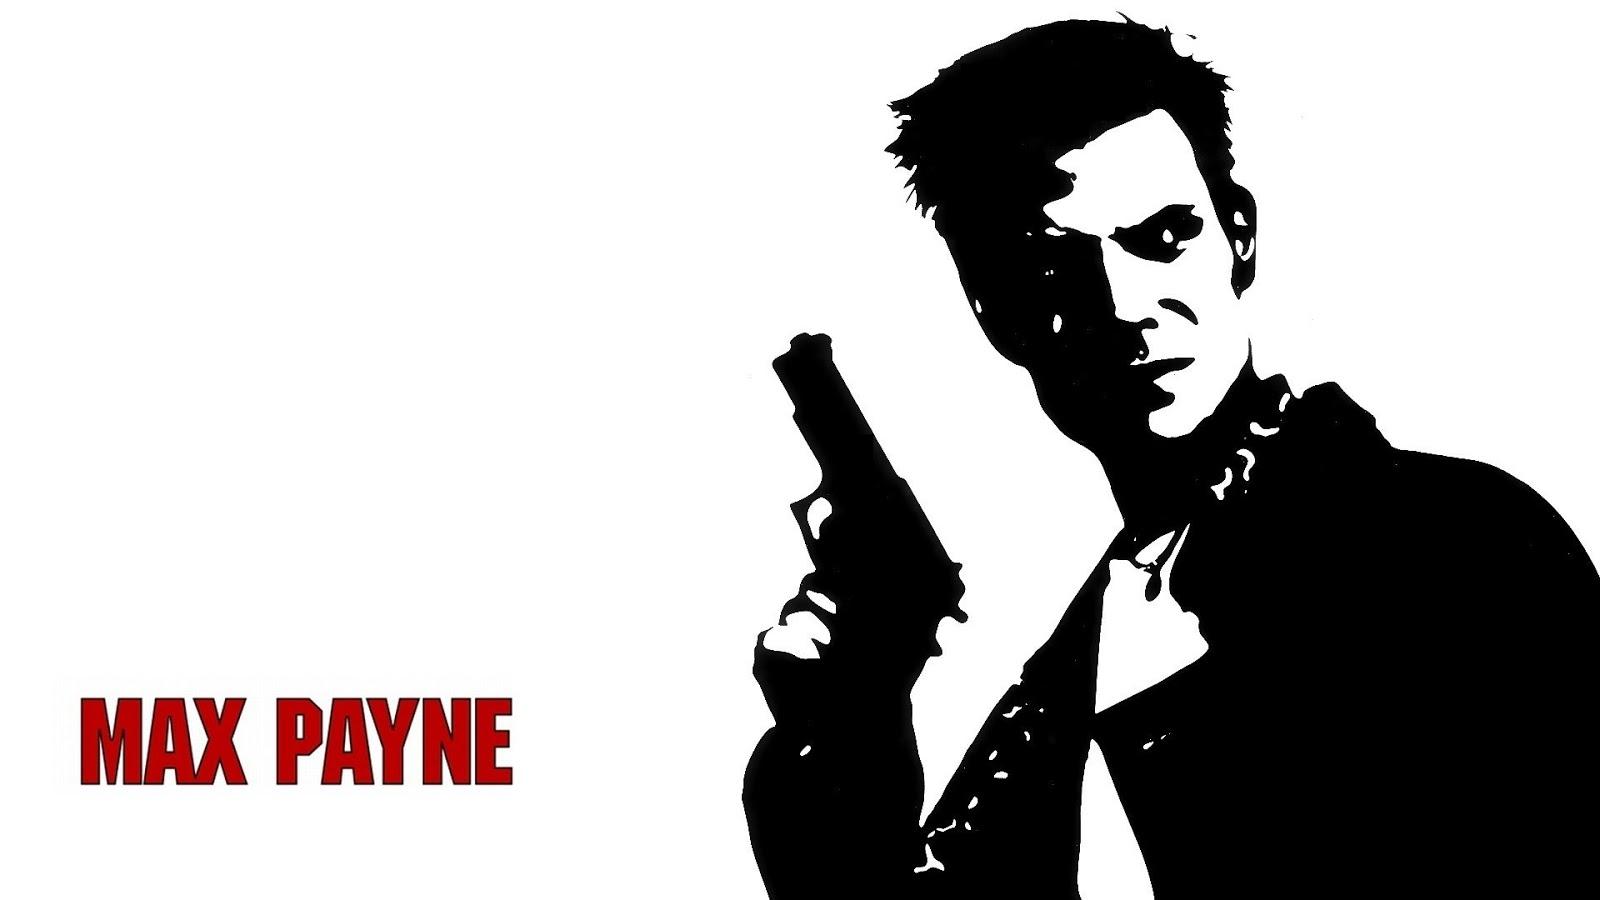 تحميل لعبة الاكشن ماكس بين الجزء الأول - Max Payne